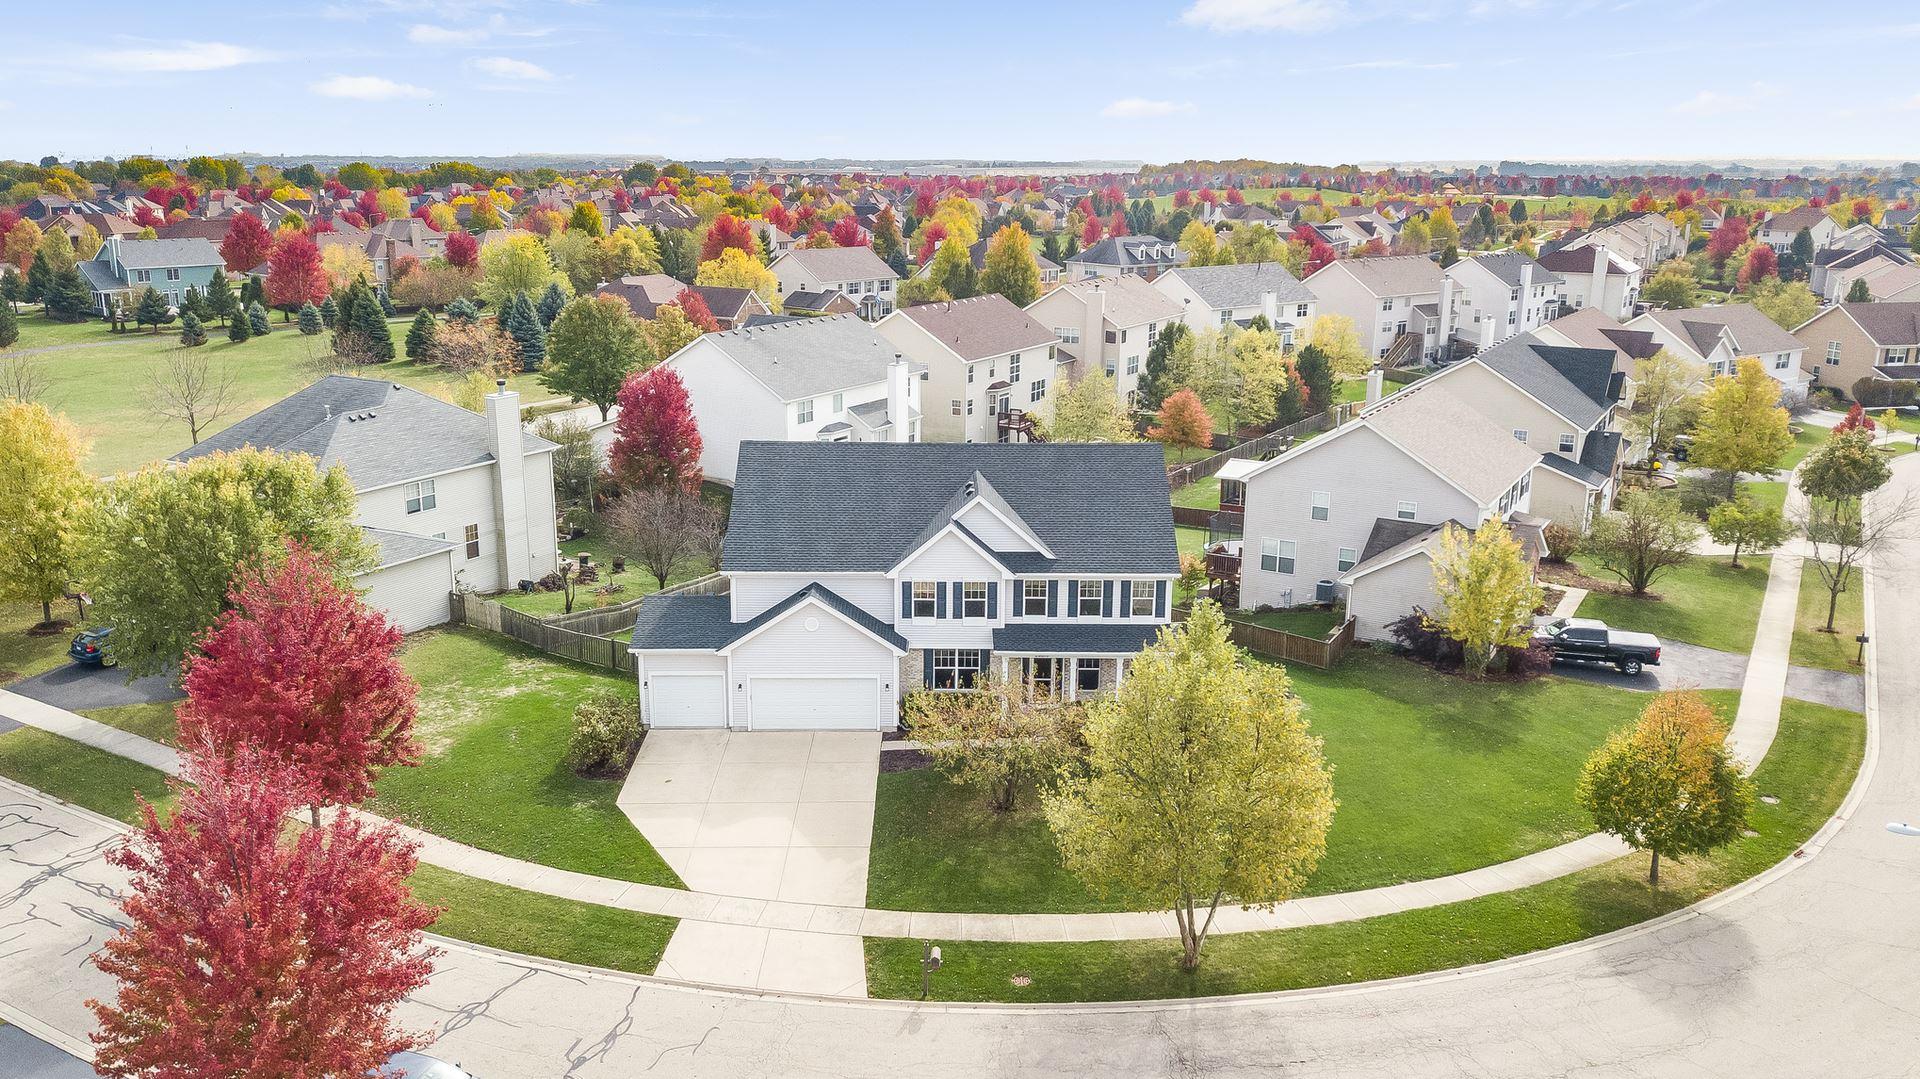 Photo of 26610 Silverleaf Drive, Plainfield, IL 60585 (MLS # 10914918)